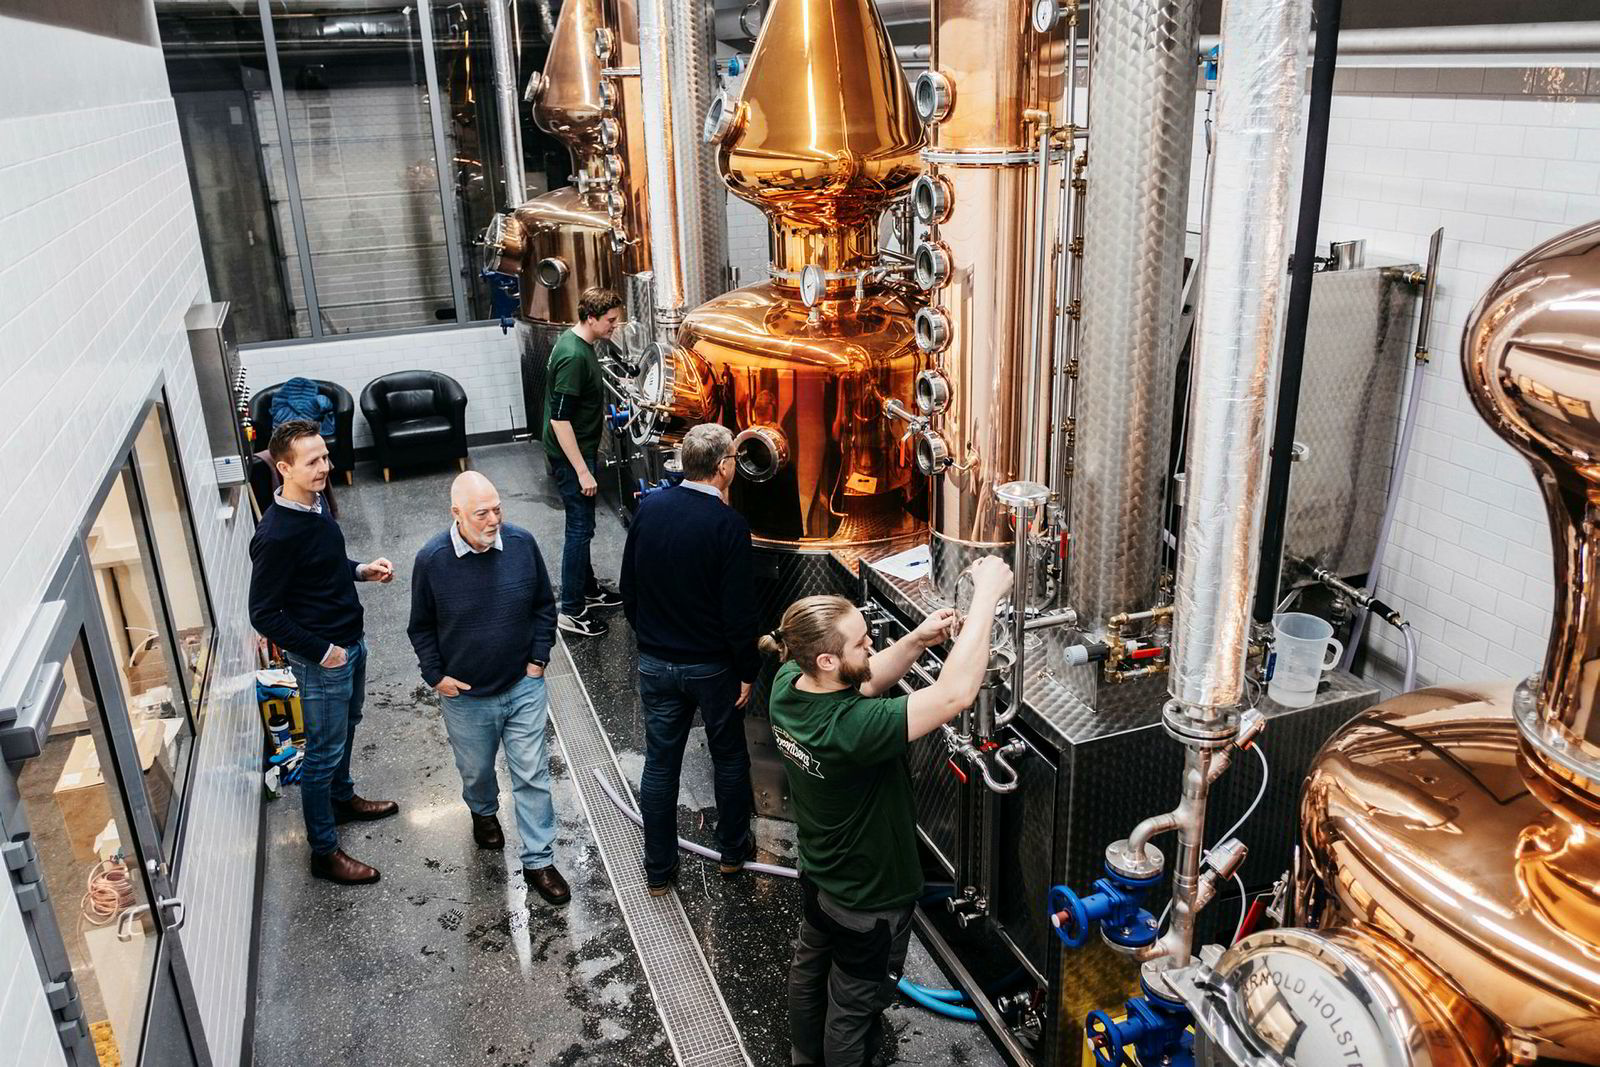 Fra v. Jone Ellingsen, Frank McHardy, Ben Murphy, Harald Berentsen og Fred Berentsen. Destilleriet i Egersund skal også lage gin og akevitt.